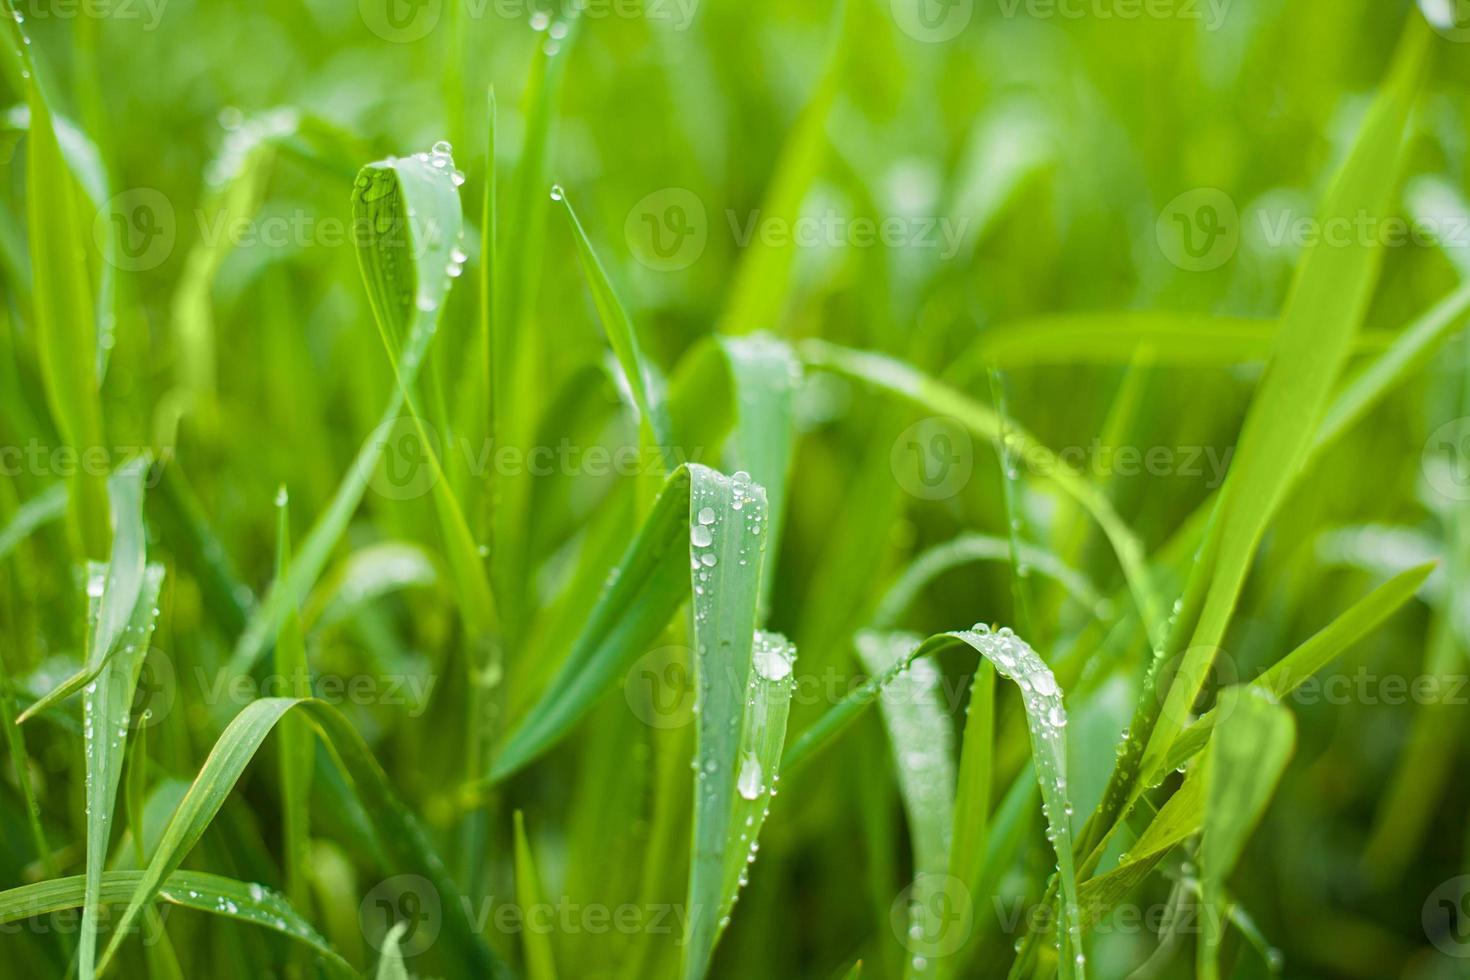 Foto von grünem frischem Gras